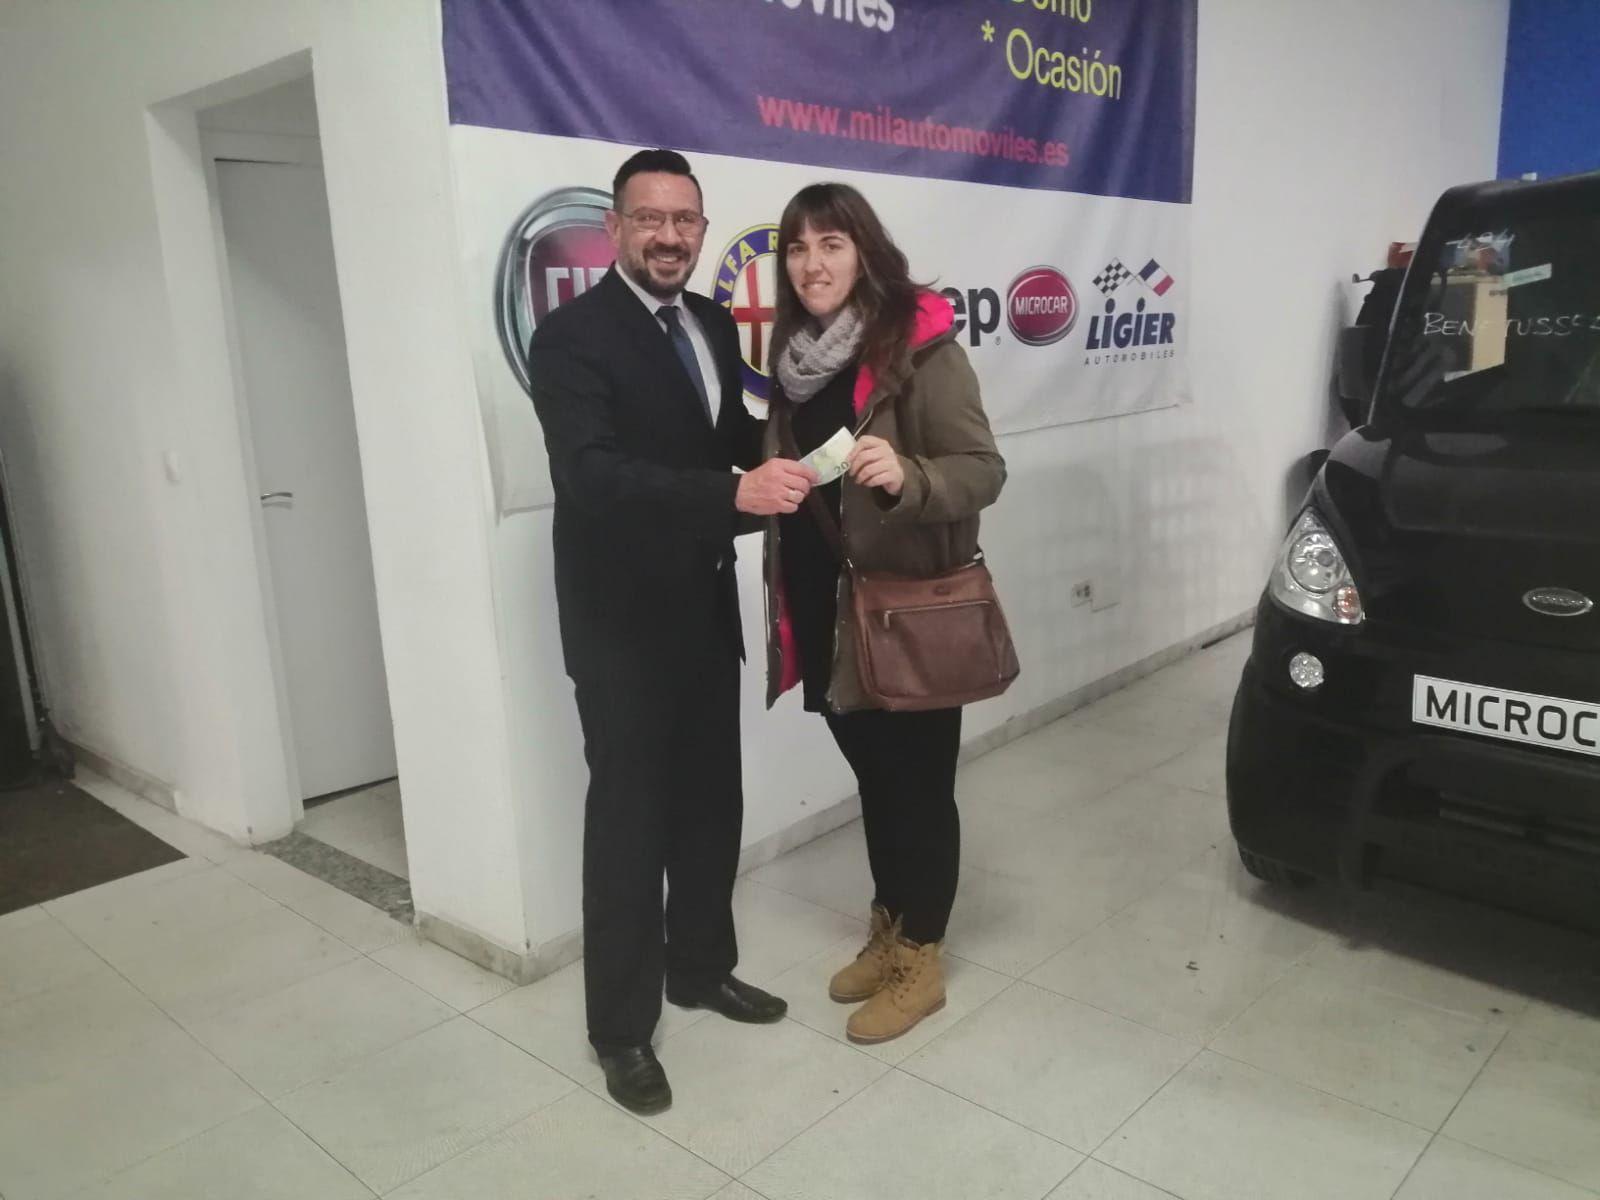 Milautomóviles entrega su premio a Desiré